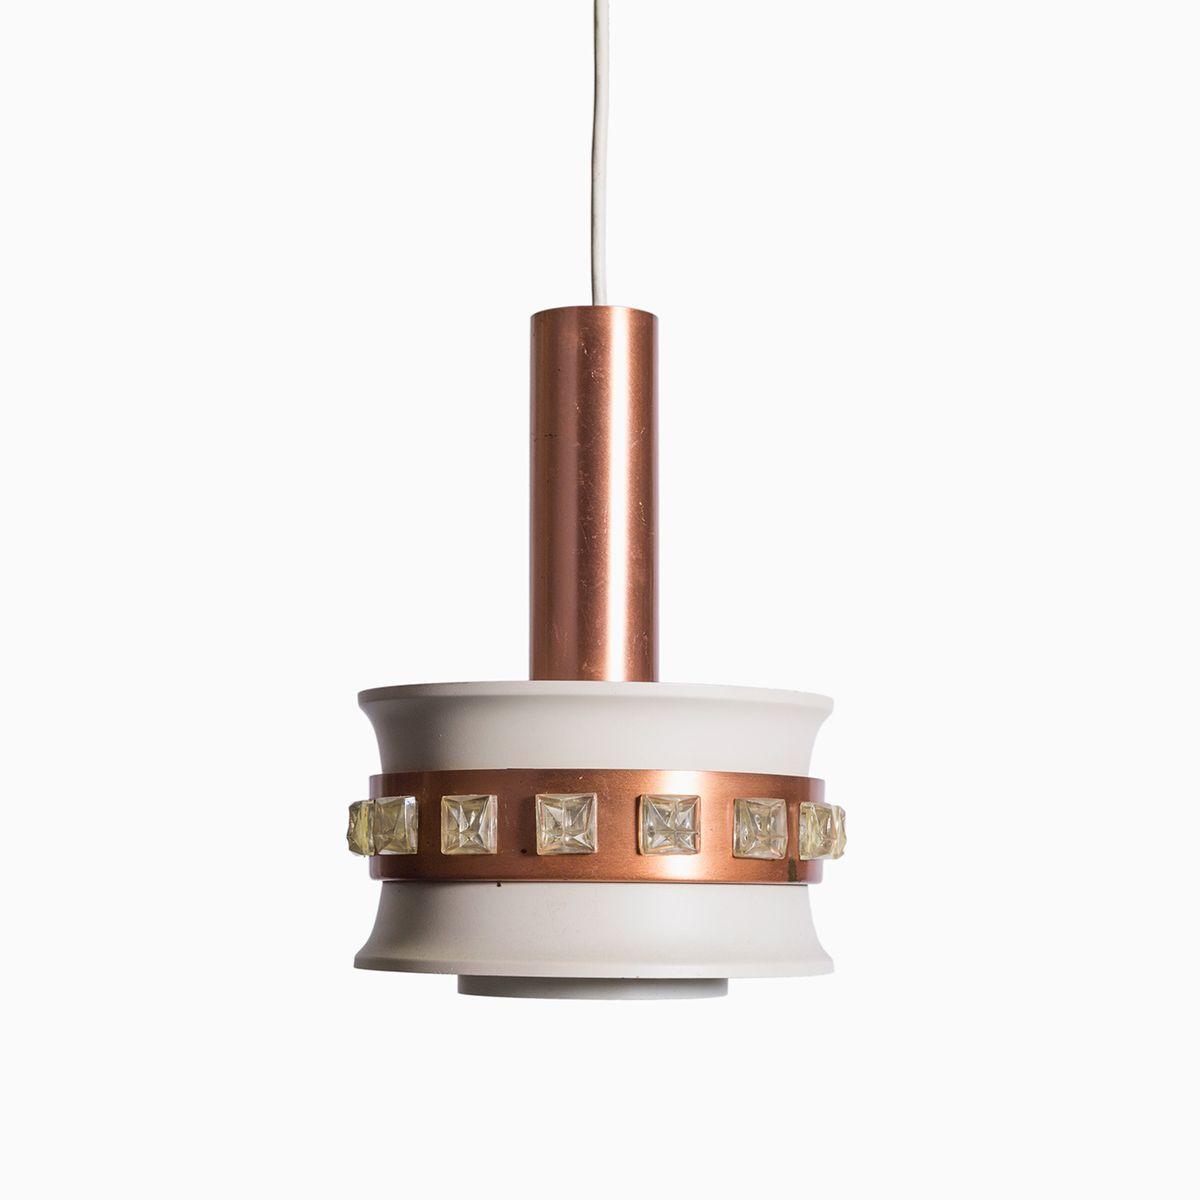 Vintage metall h ngelampe mit rose gold details bei pamono - Bistrotisch mit 2 stuhlen metall ...